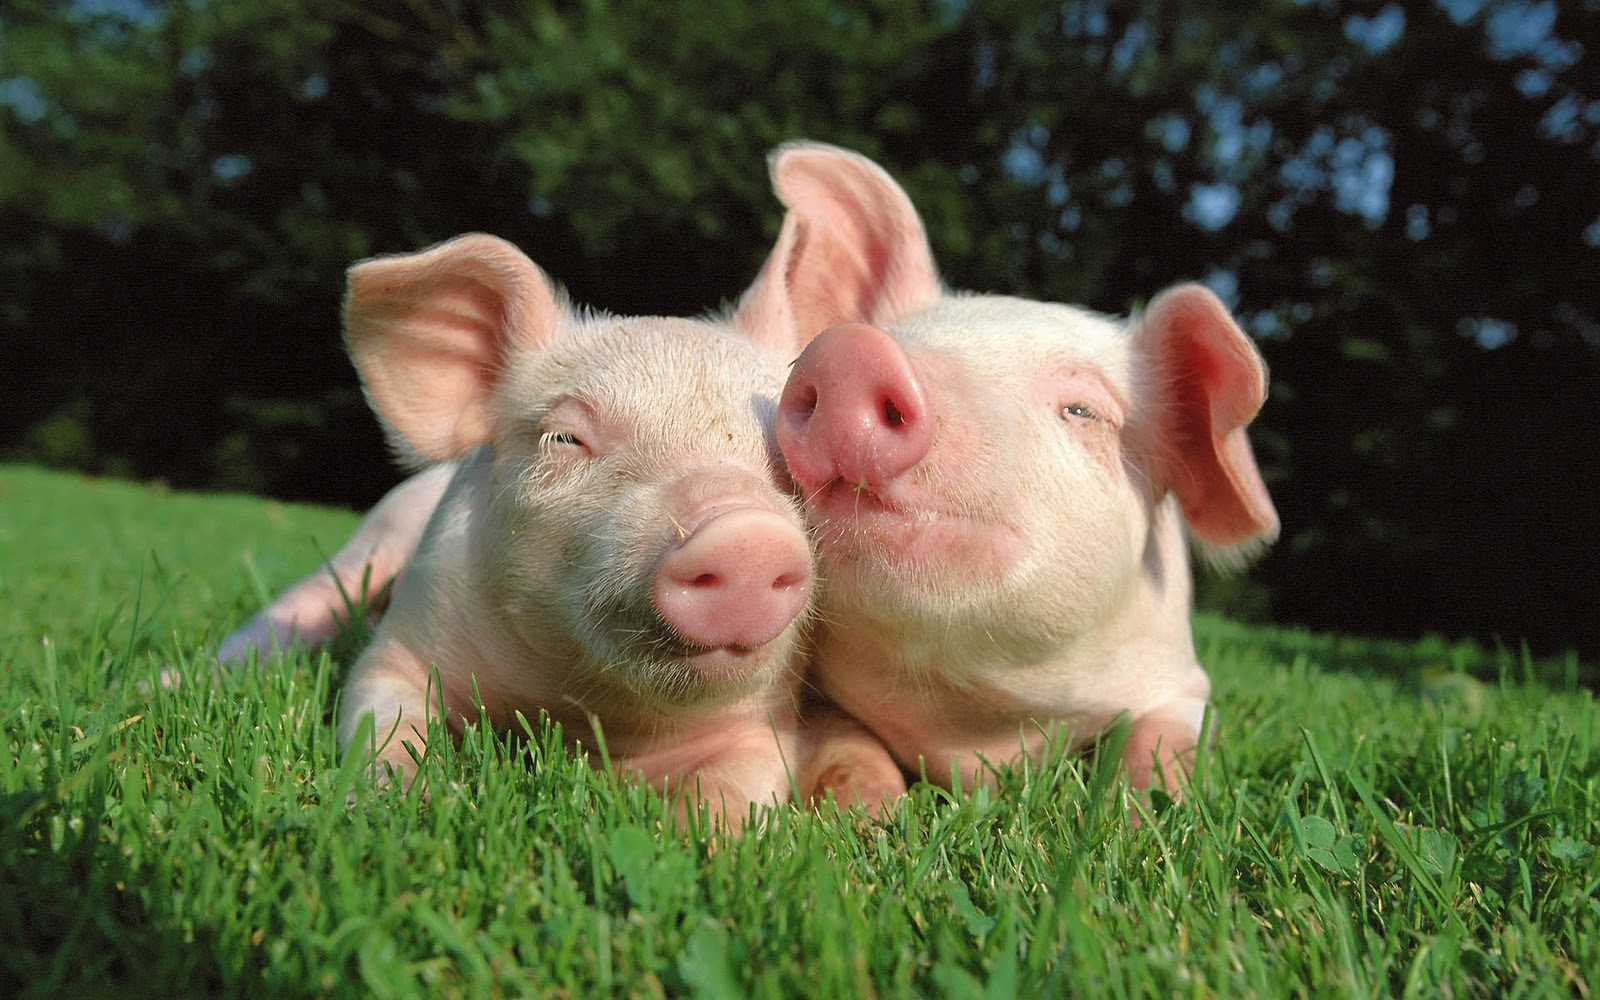 Bureaublad achtergrond met twee roze varkens in het gras 1600x1000